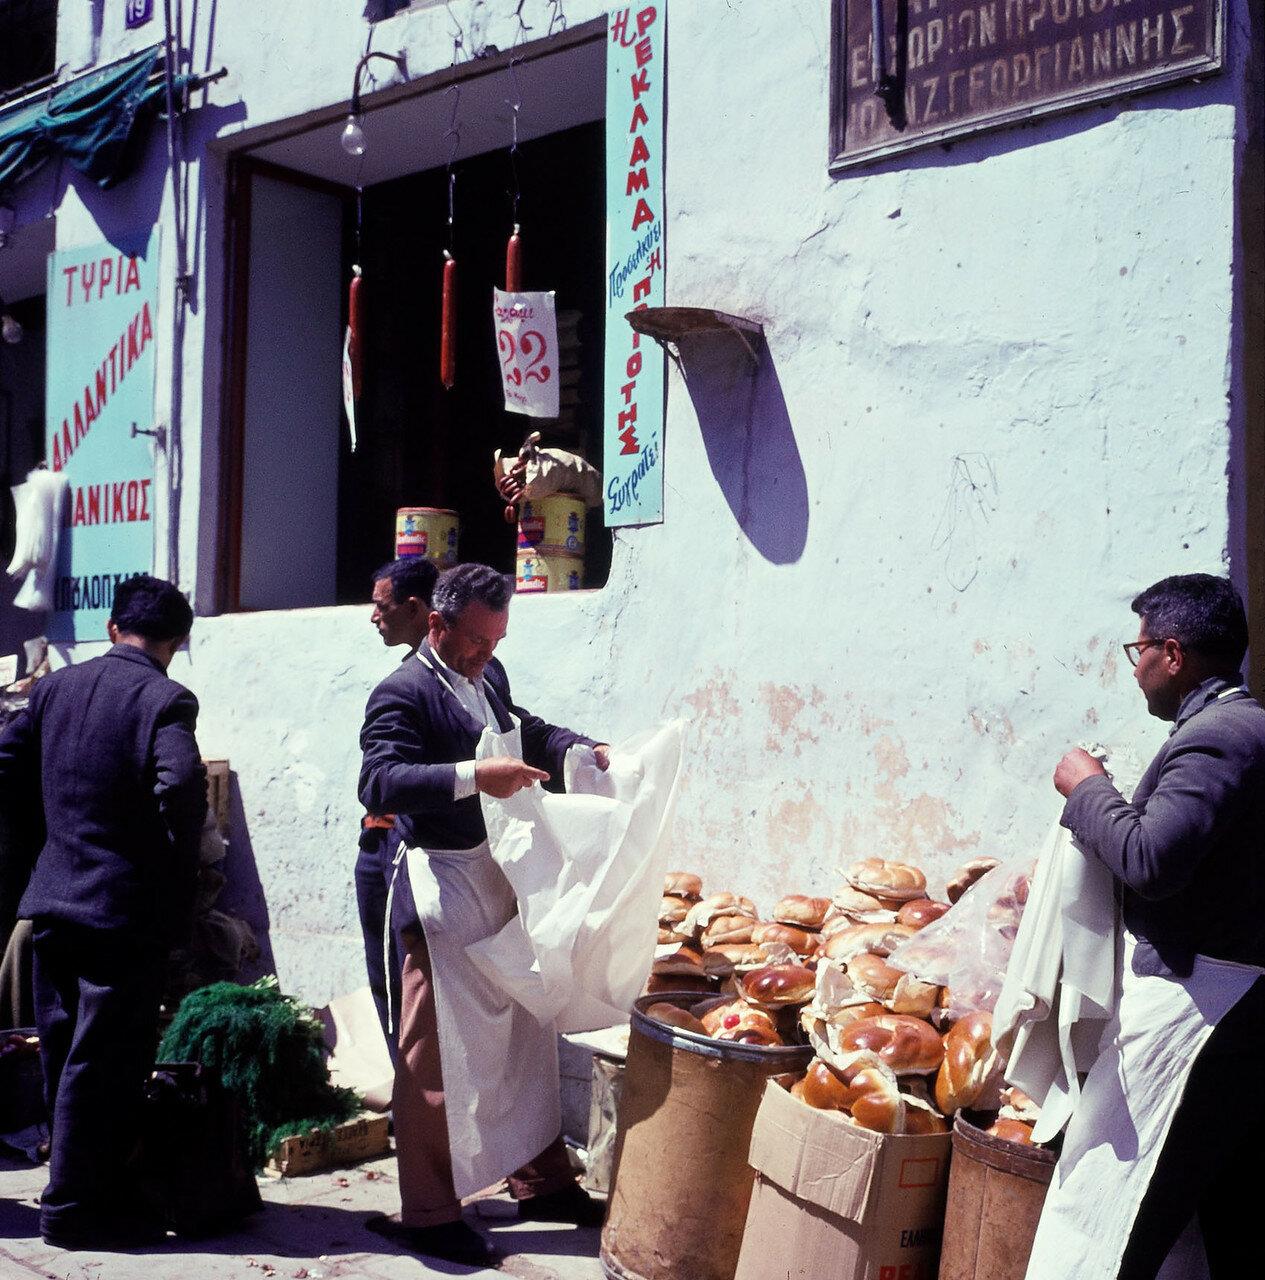 Στην εμπορική οδό.  αρτοποιείο